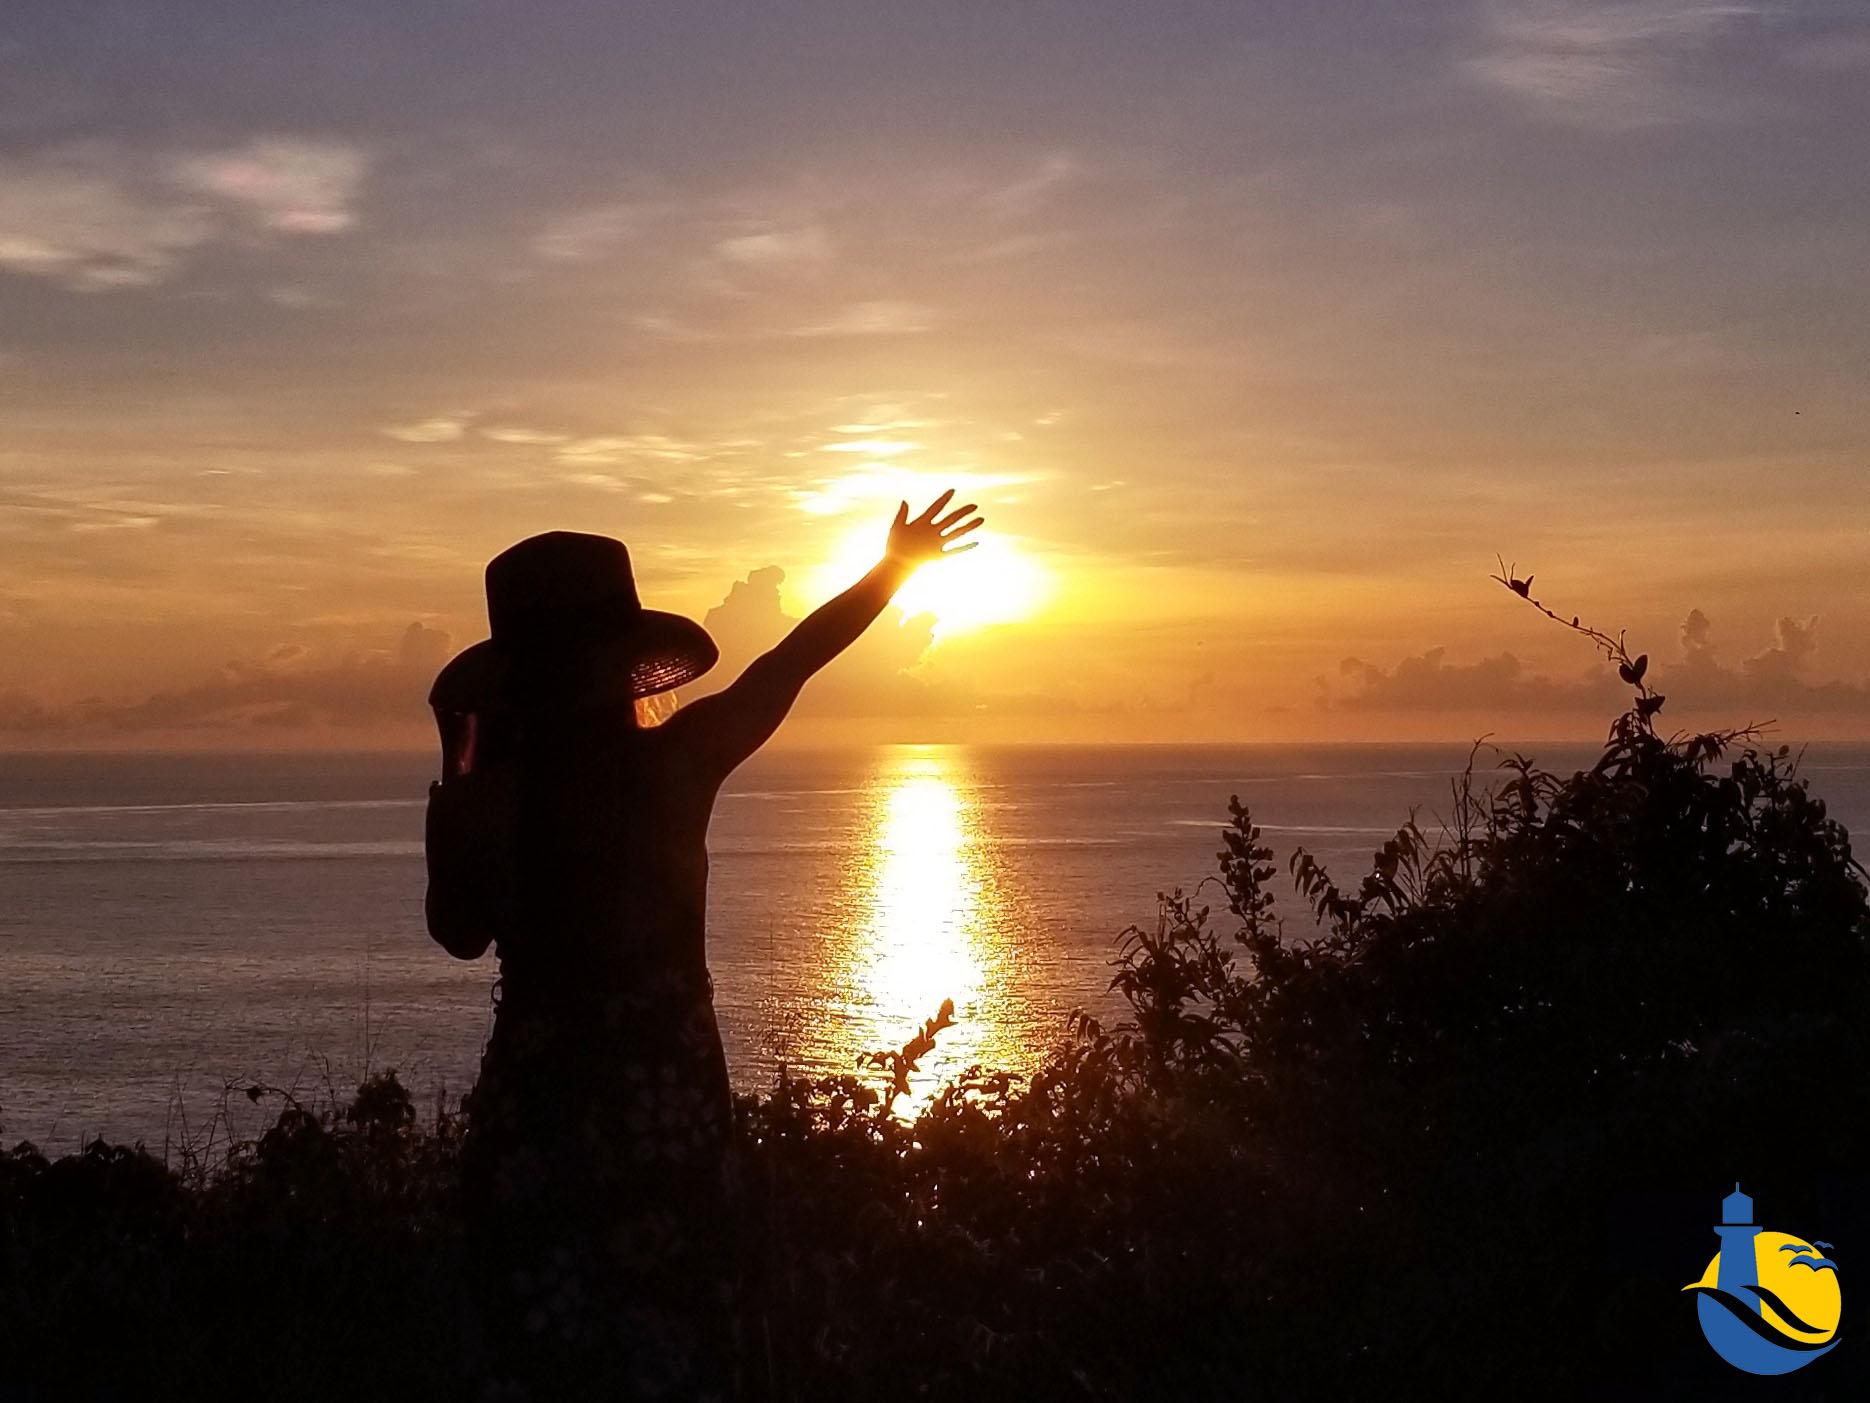 Bỏ túi bí kíp ngắm bình minh trên đảo Cù lao xanh